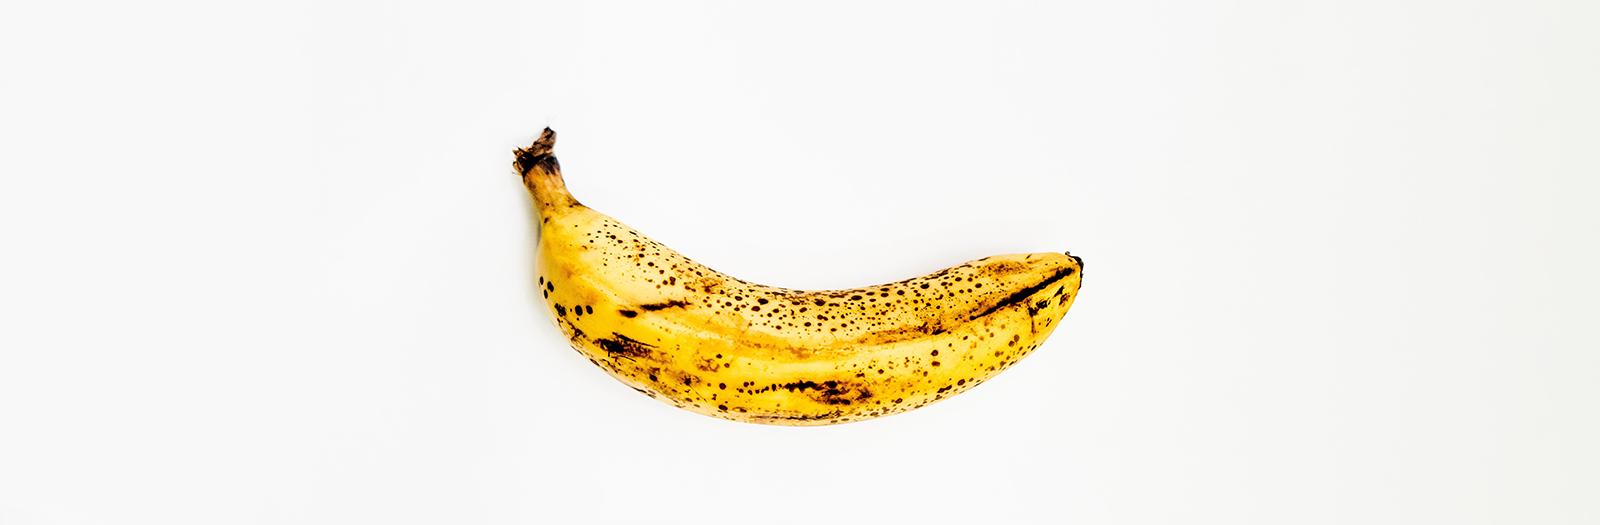 browning banana